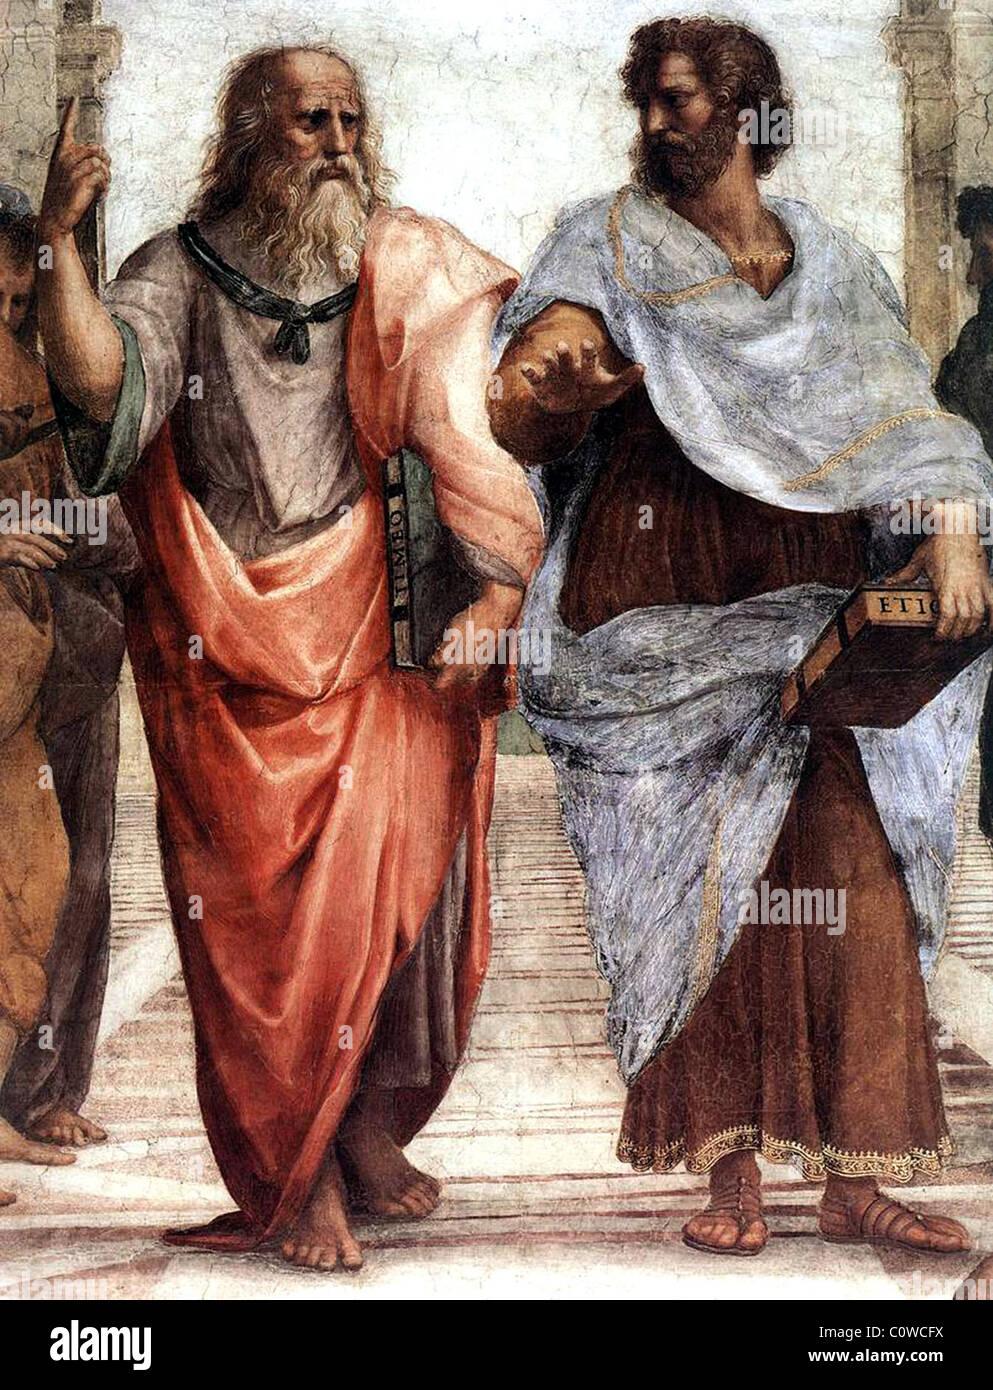 Plato (sinistra) e Aristotele. Foto Stock